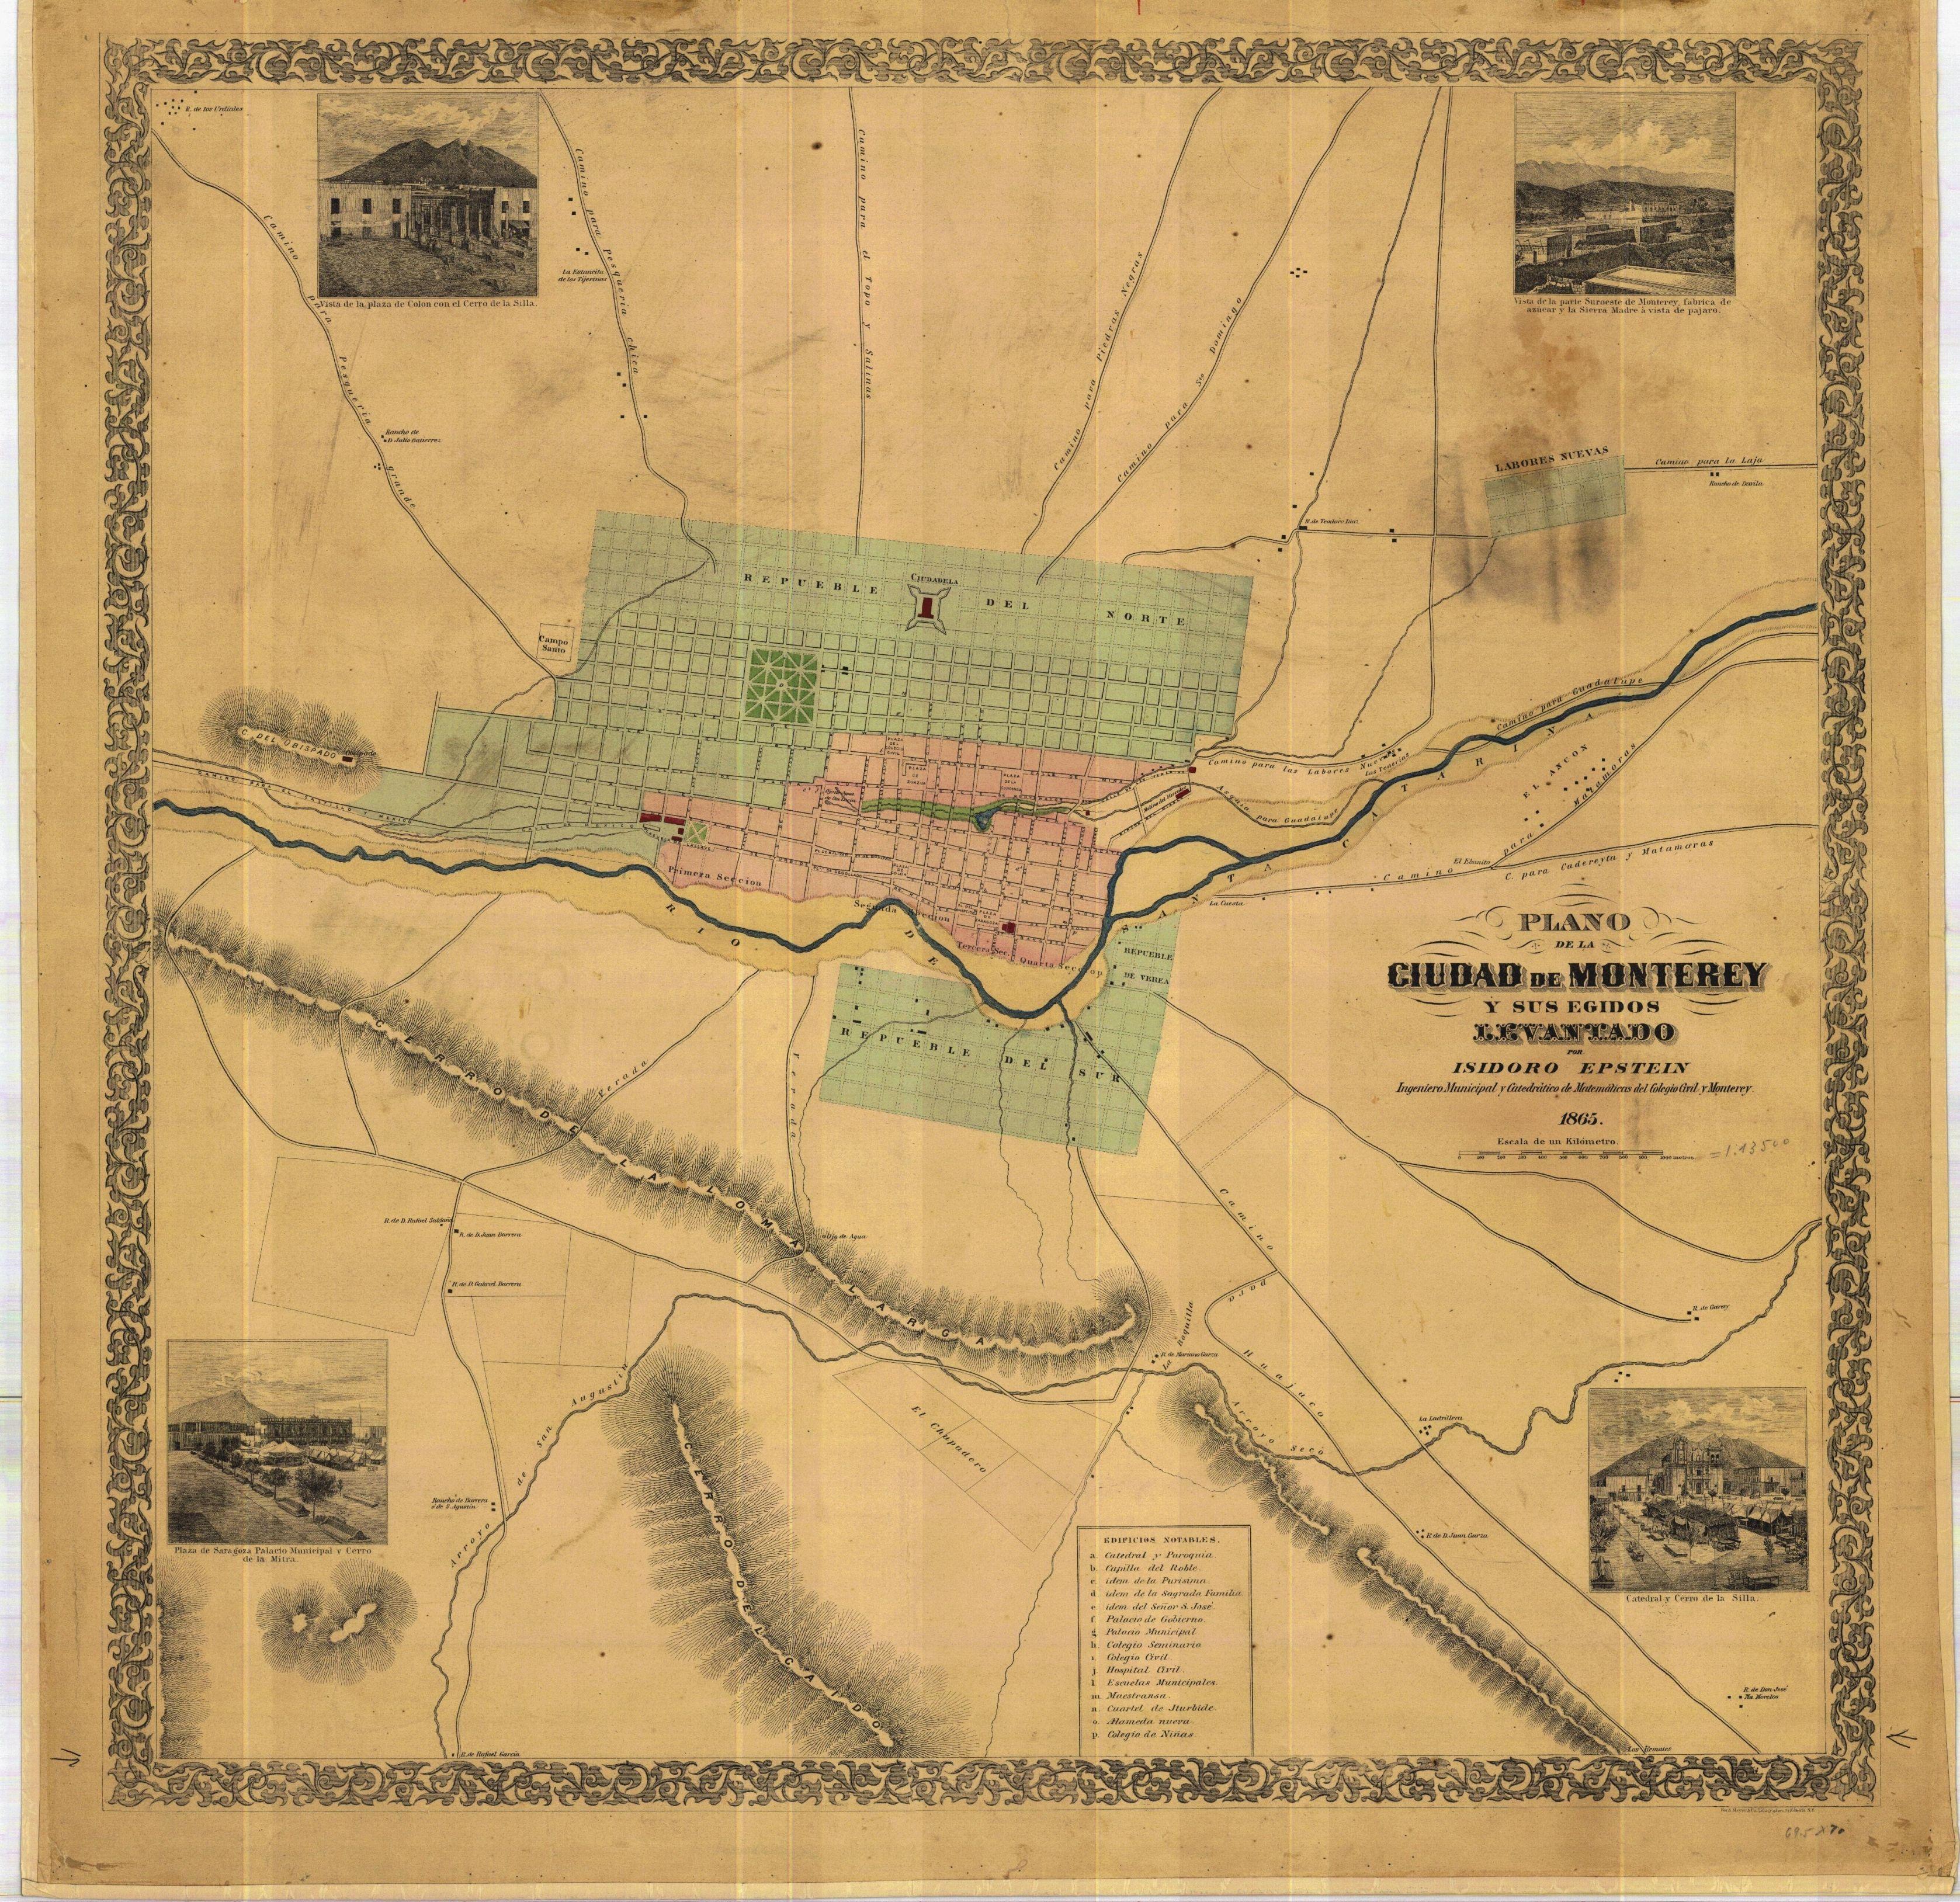 Maps Of Monterrey Mexico - Maps |Old Monterrey Mexico Map